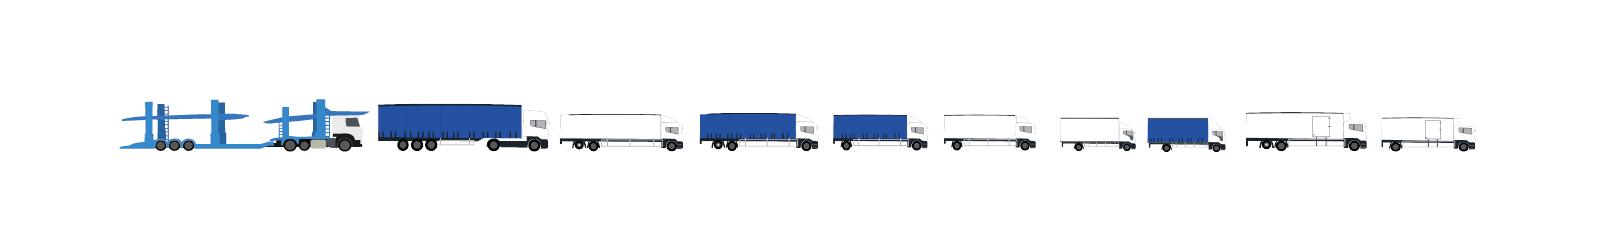 truck trailer footer